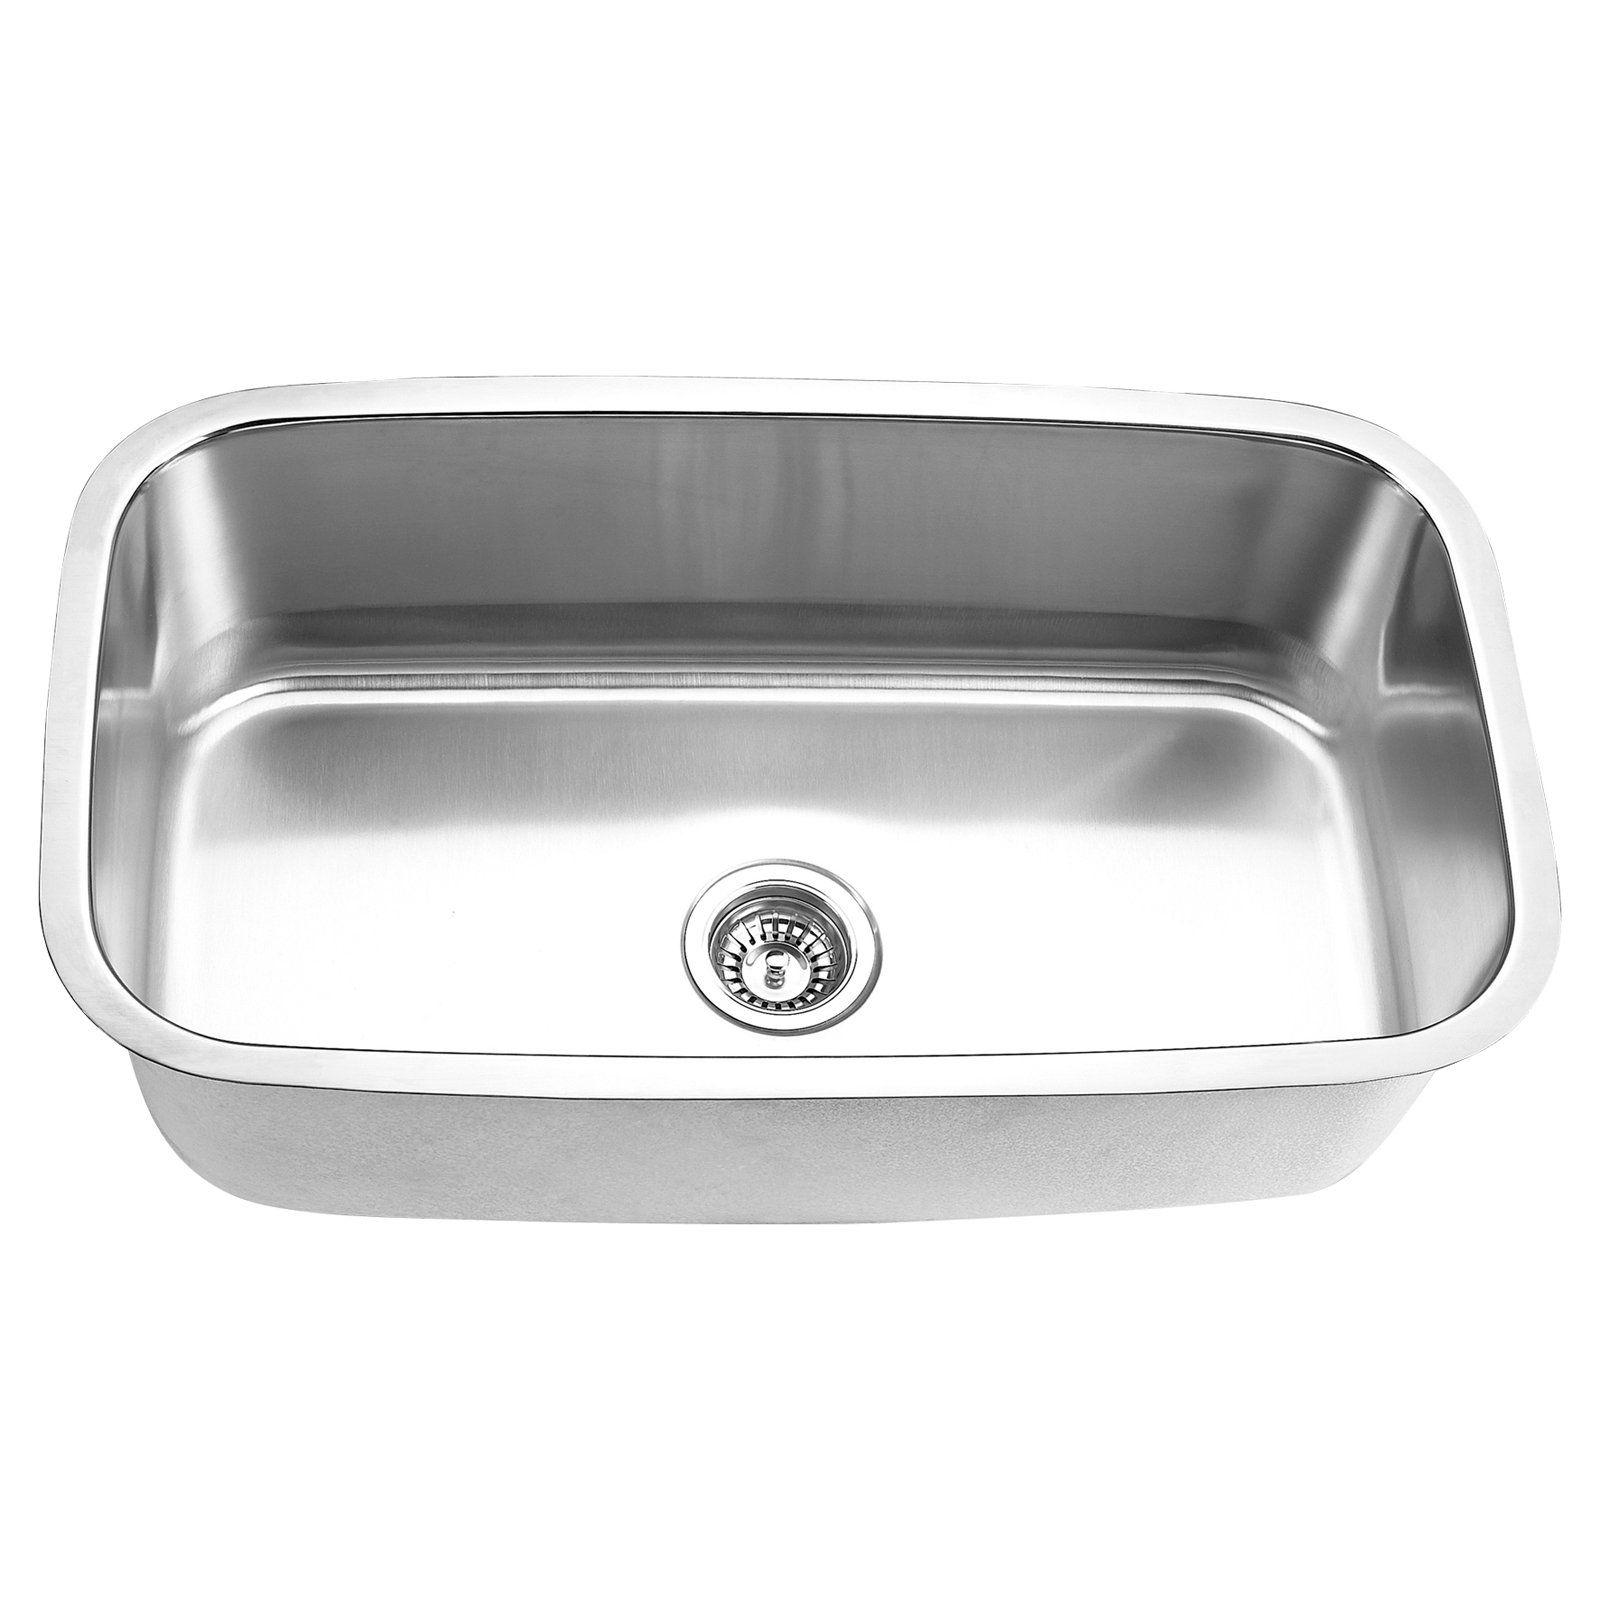 Yosemite Mag3118 Single Basin Undermount Kitchen Sink Single